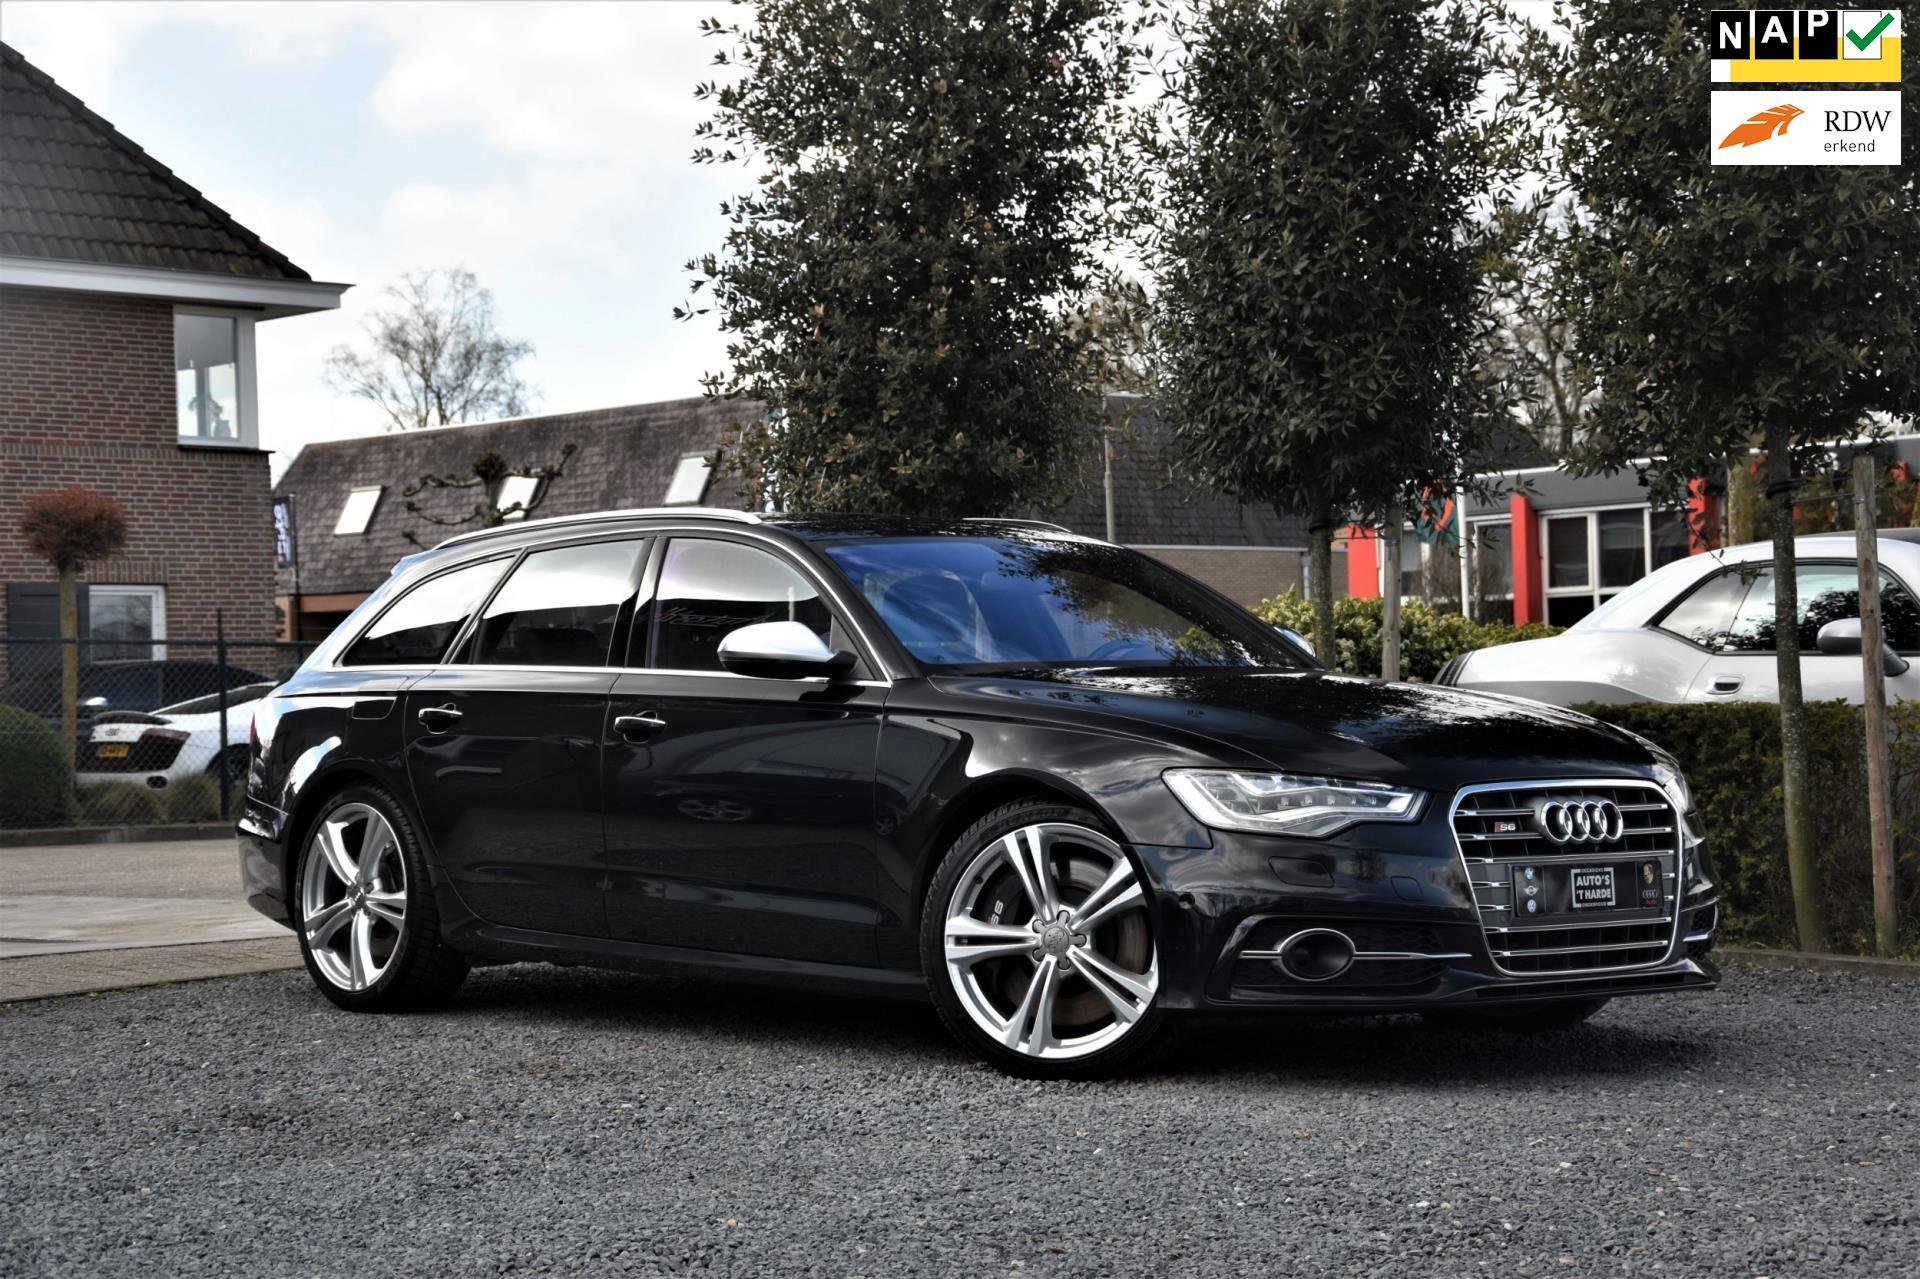 Audi S6 4.0 TFSI V8 Quattro Pro Line  ACC Camera 20 occasion - Auto`s `t Harde